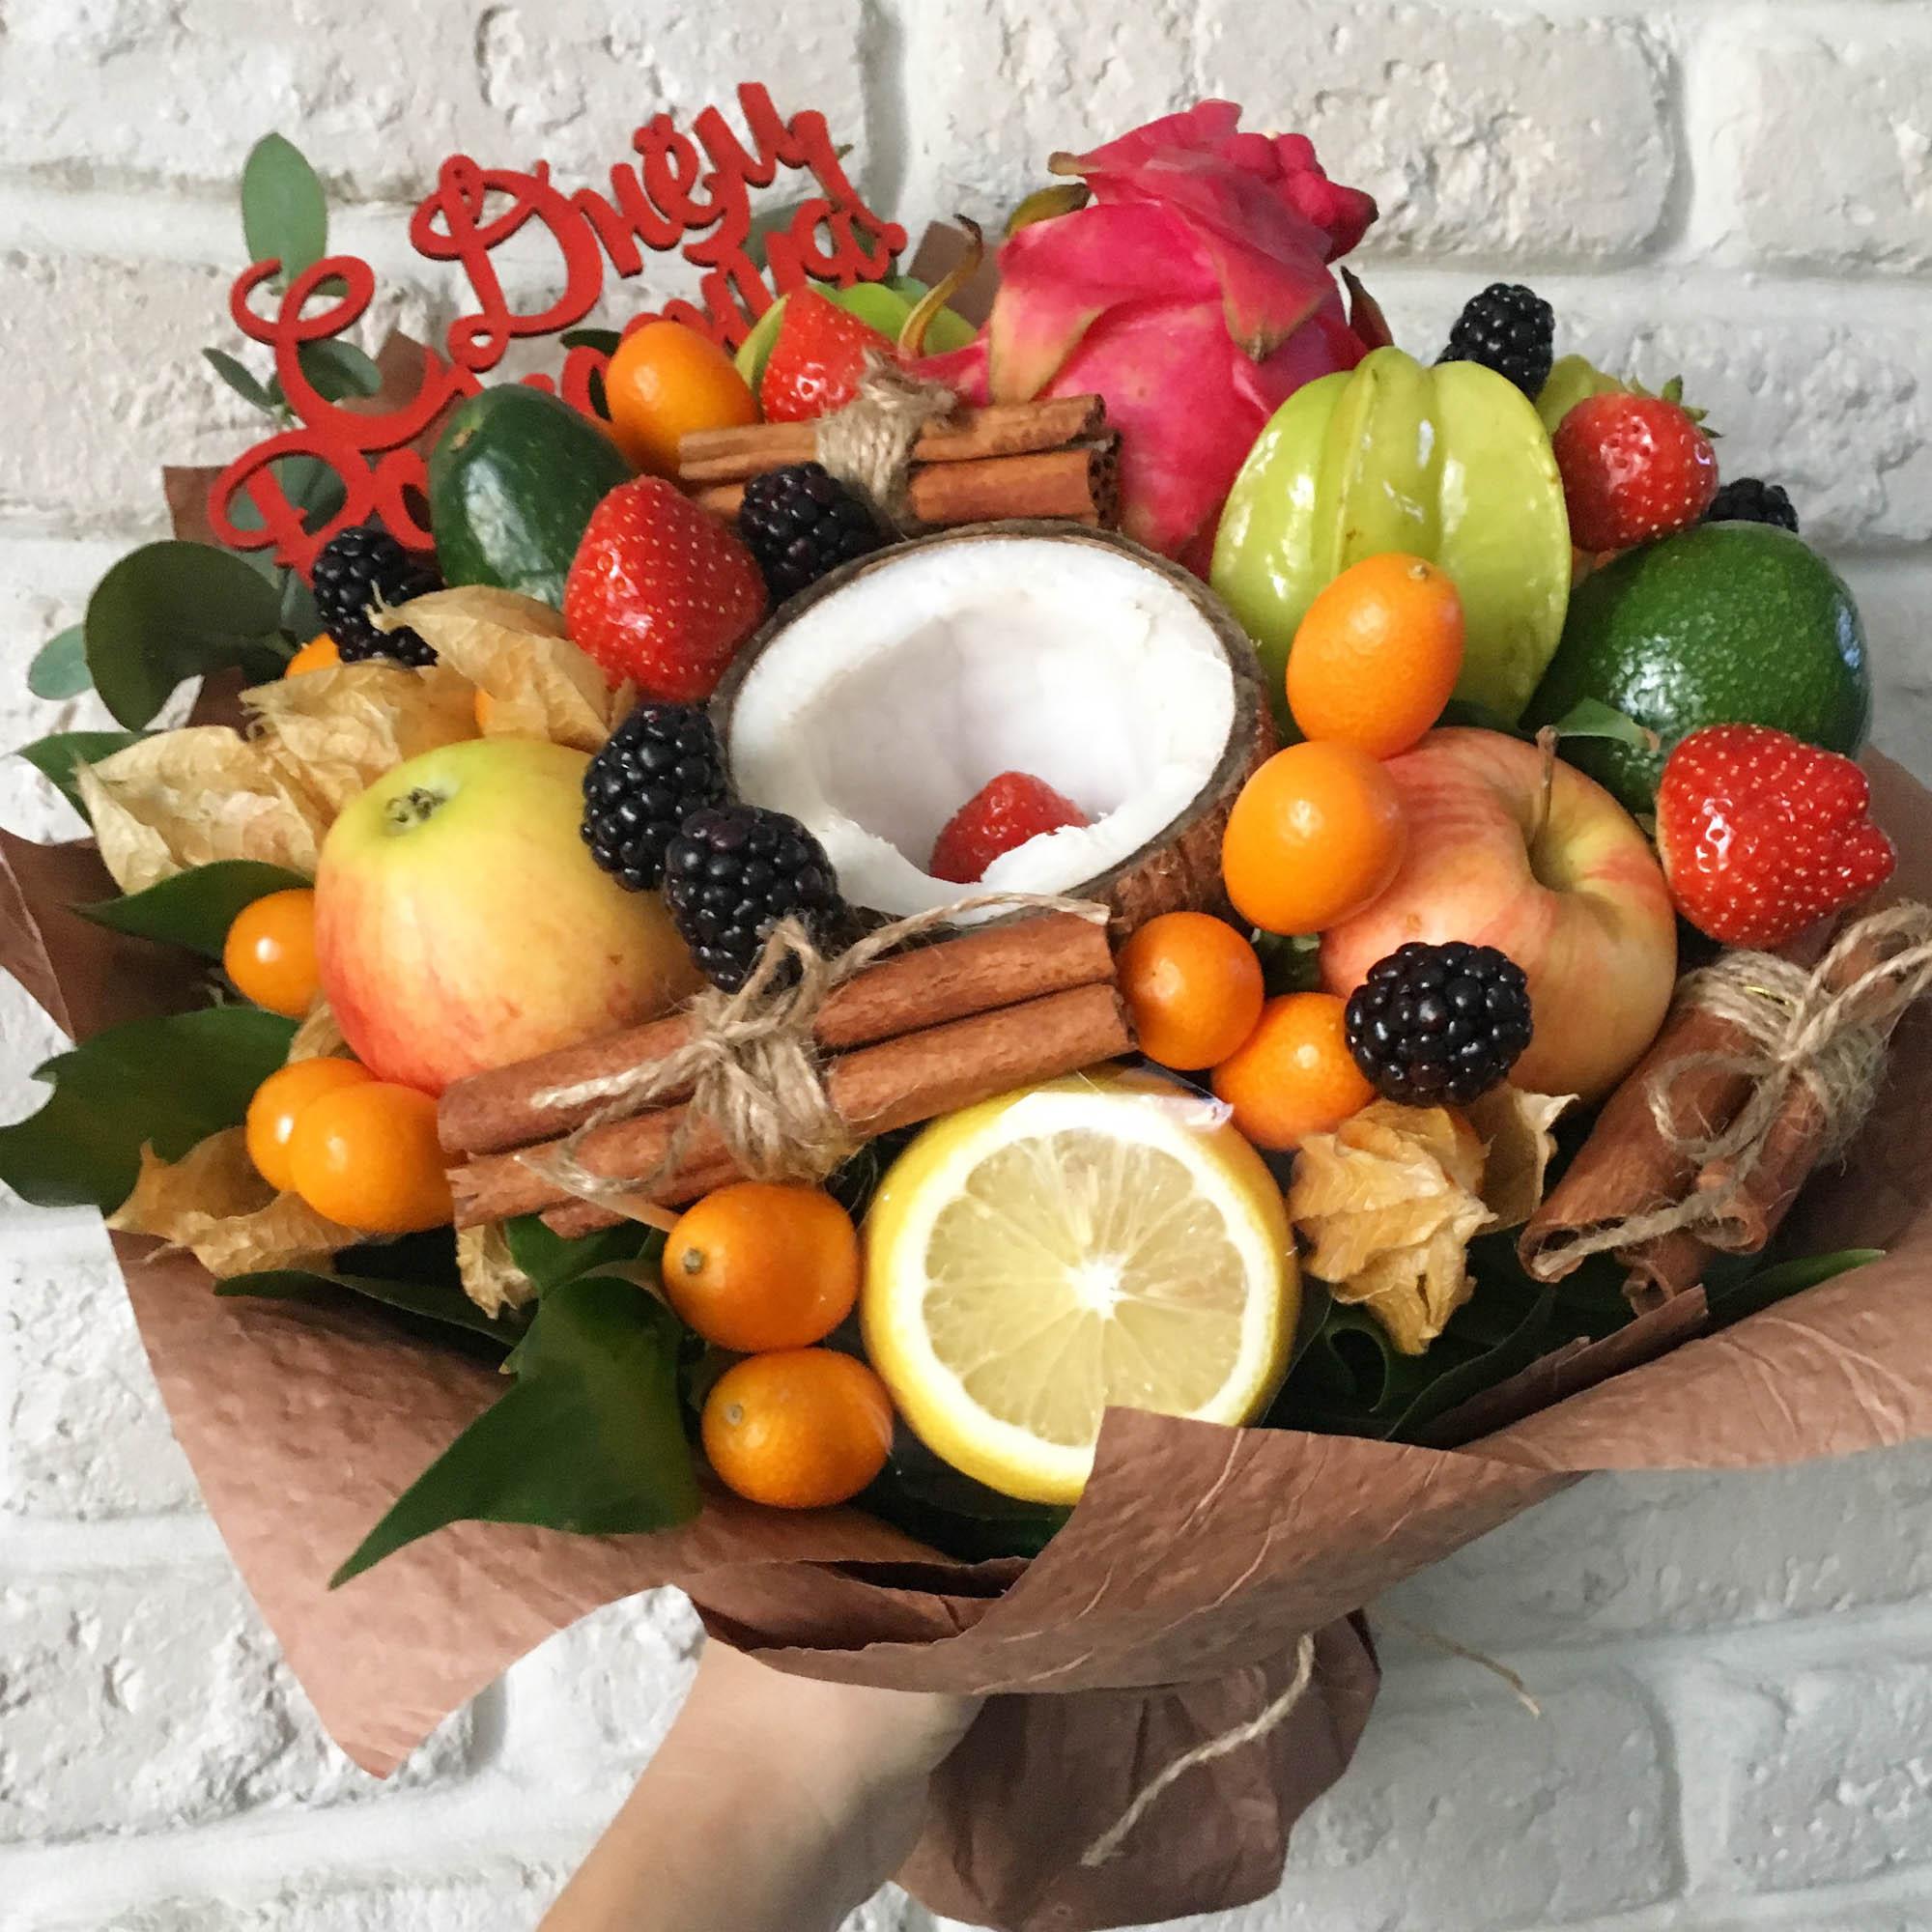 Картинки букетов из фруктов